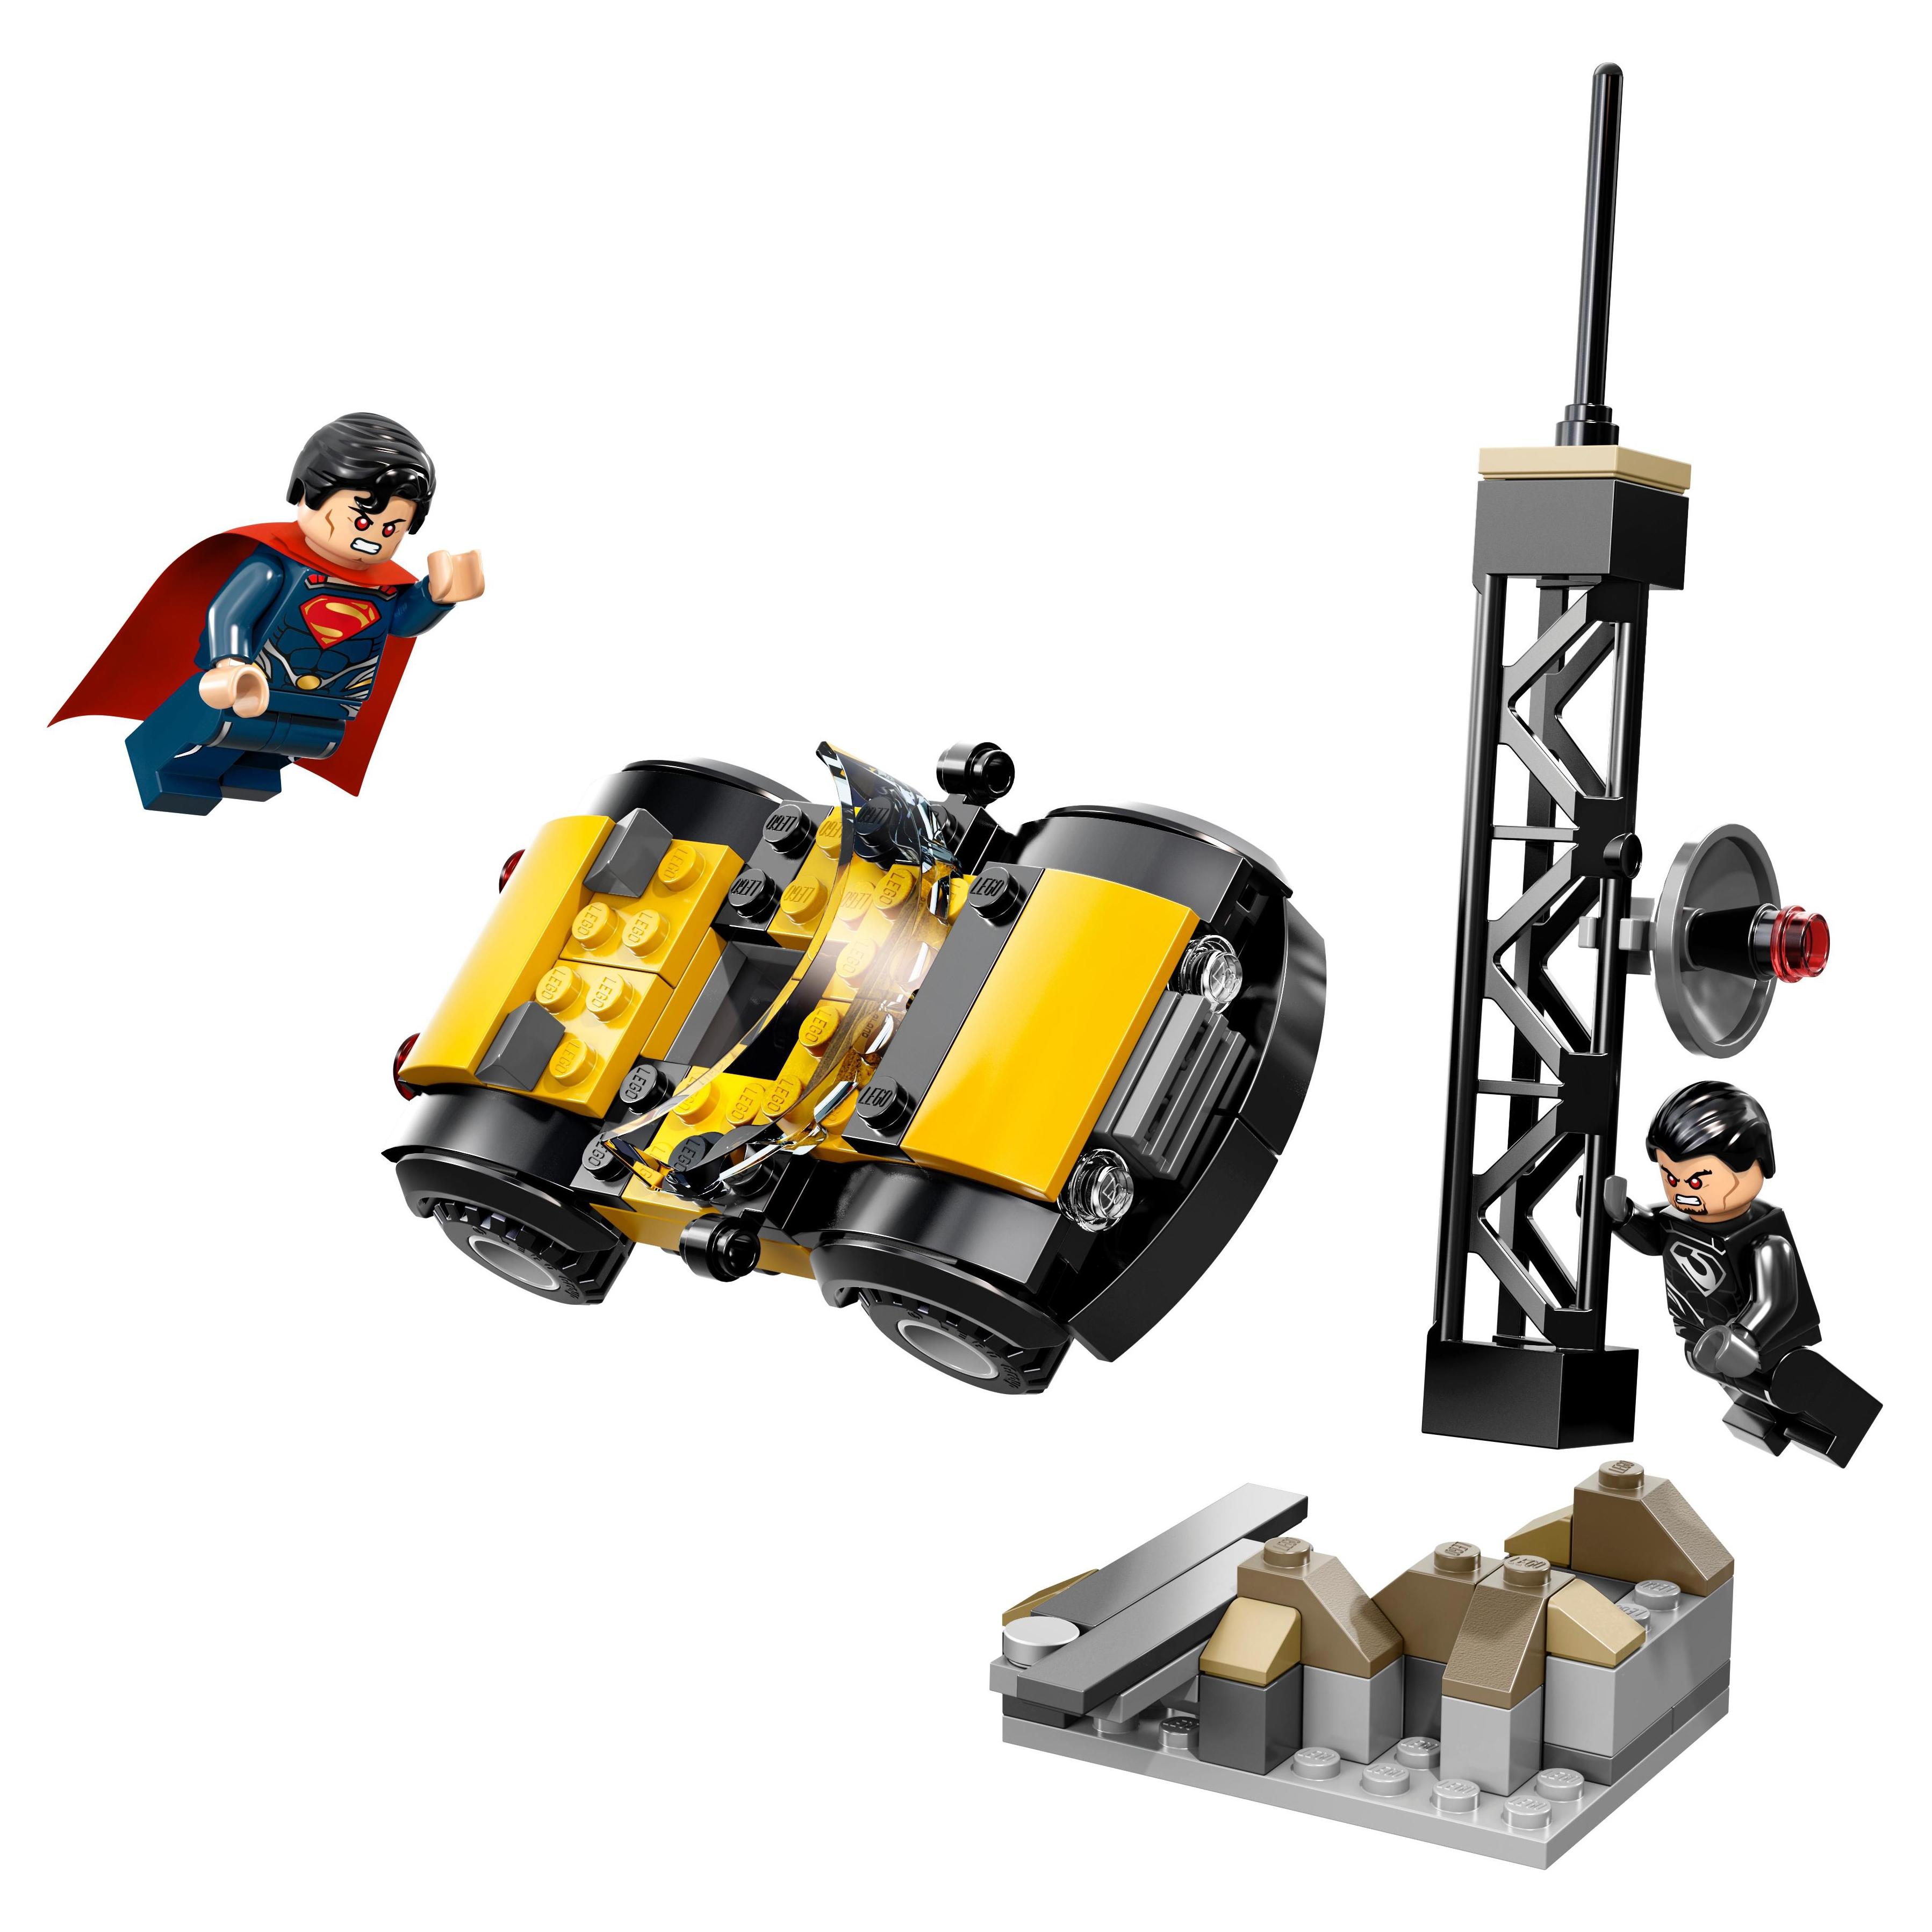 Купить Конструктор LEGO Super Heroes Супермен: Решающий поединок в Метрополисе (76002)